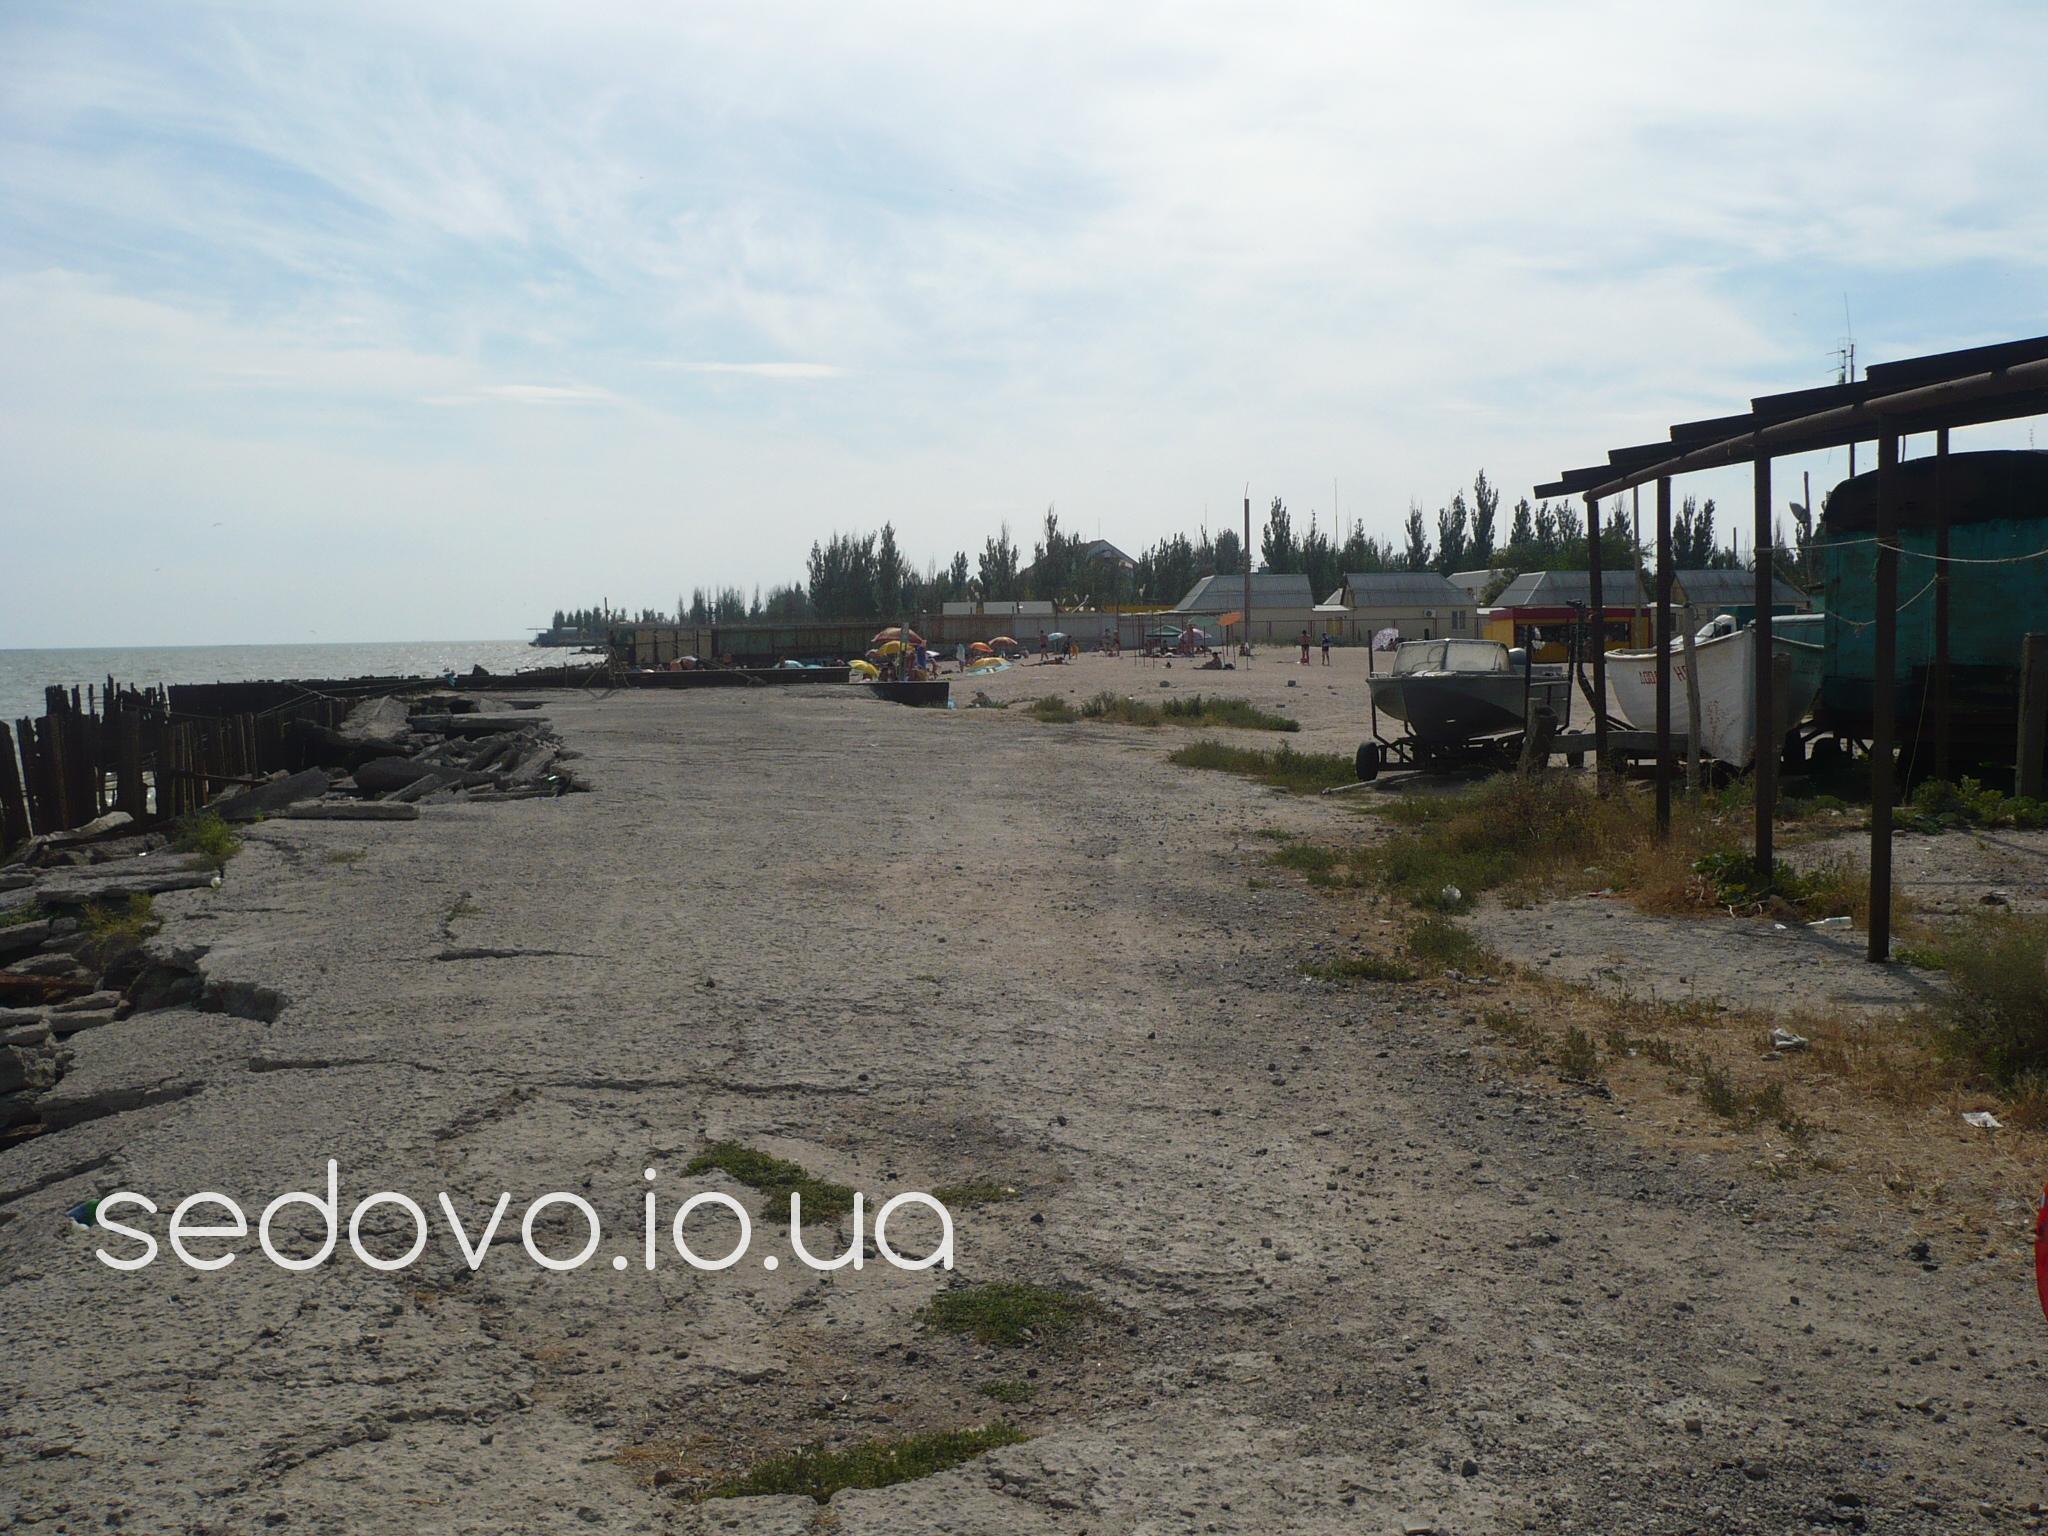 Седово пляж в центре поселка за музеем фотографии